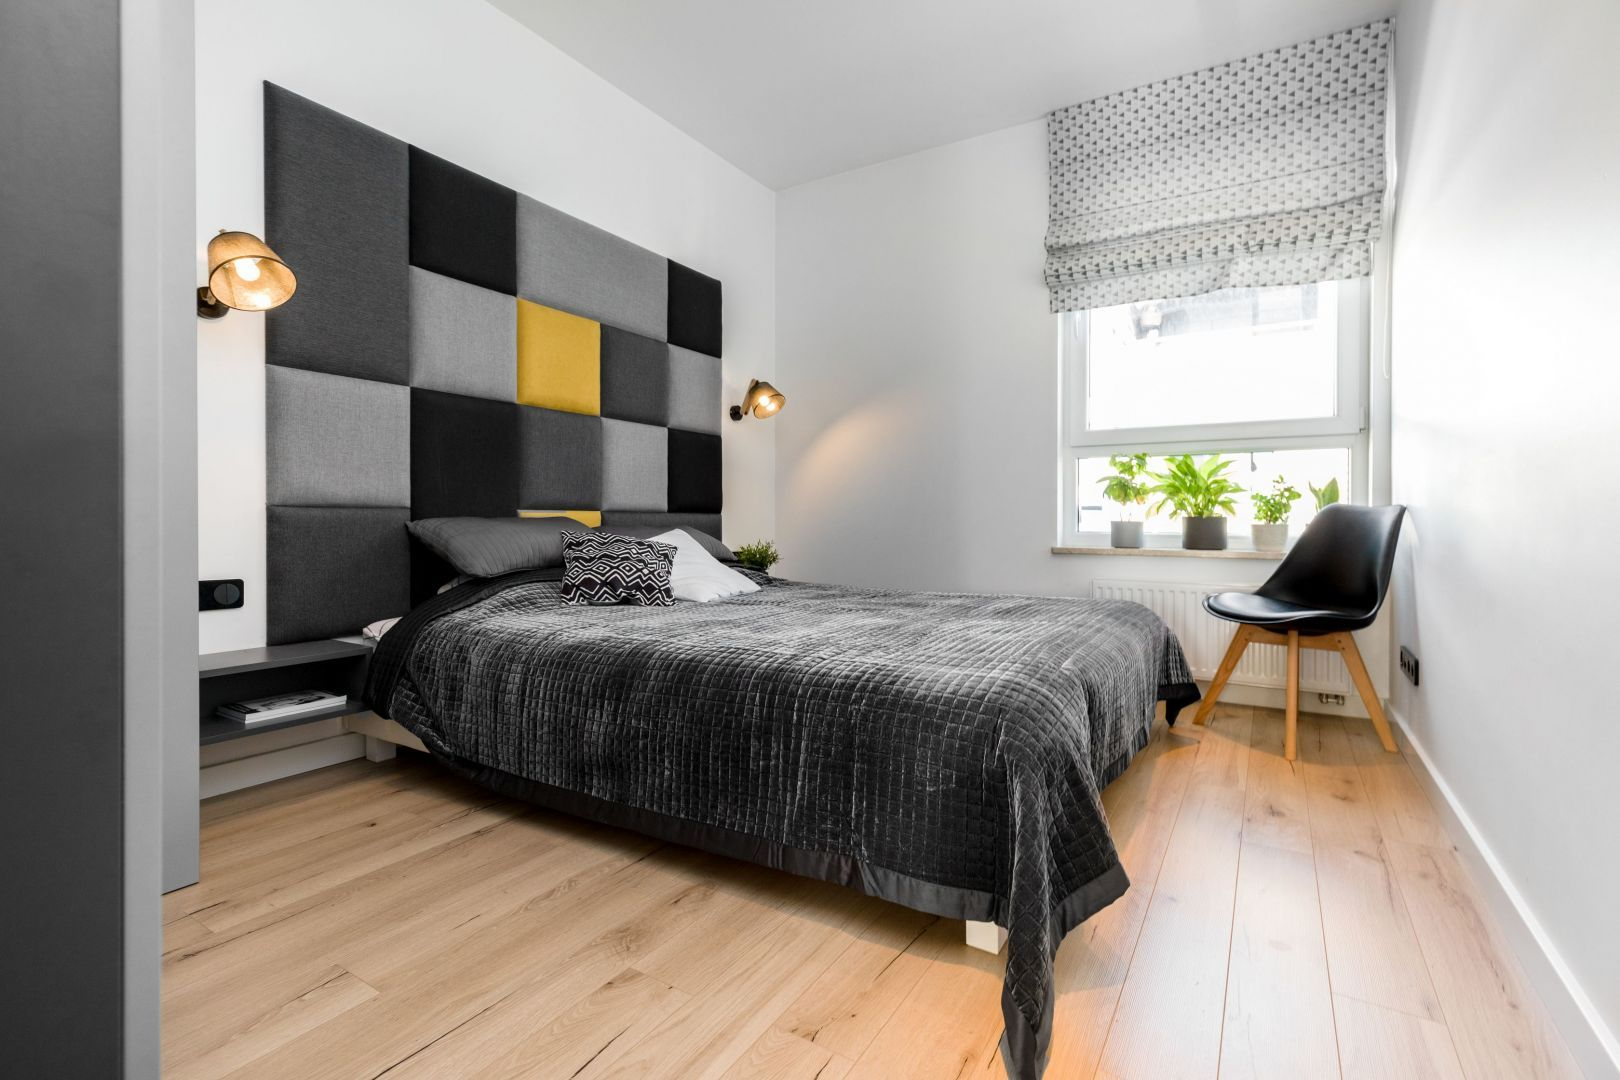 Ściana za łóżkiem w sypialni wykończona jest tapicerowanym zagłówkiem w różnych kolorach. Projekt: Joanna Nawrocka, JN Studio Joanna Nawrocka. Fot. Łukasz Bera